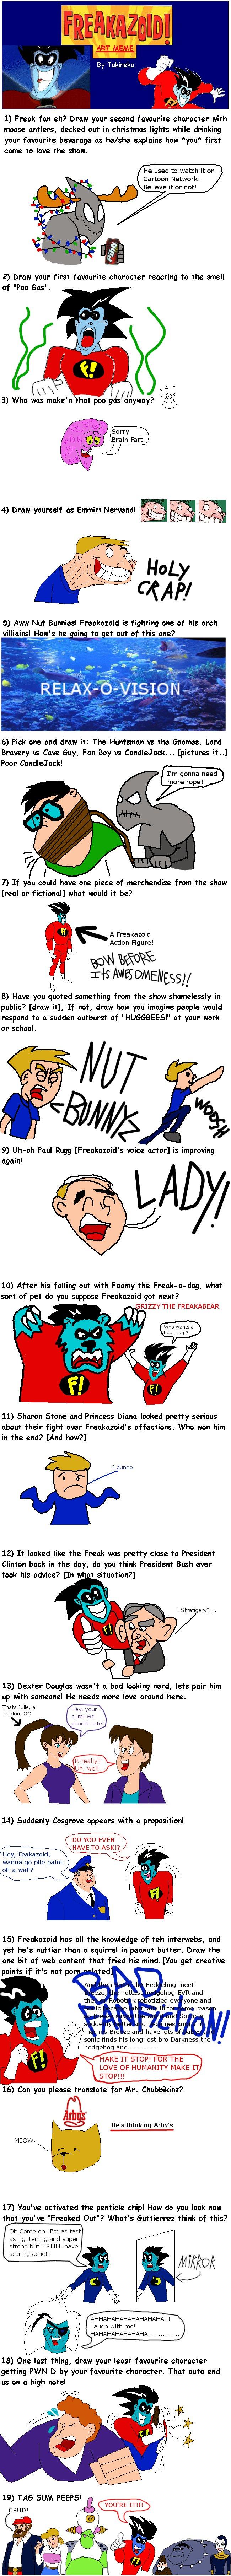 Freakazoid meme: Code-E by Code-E on DeviantArt